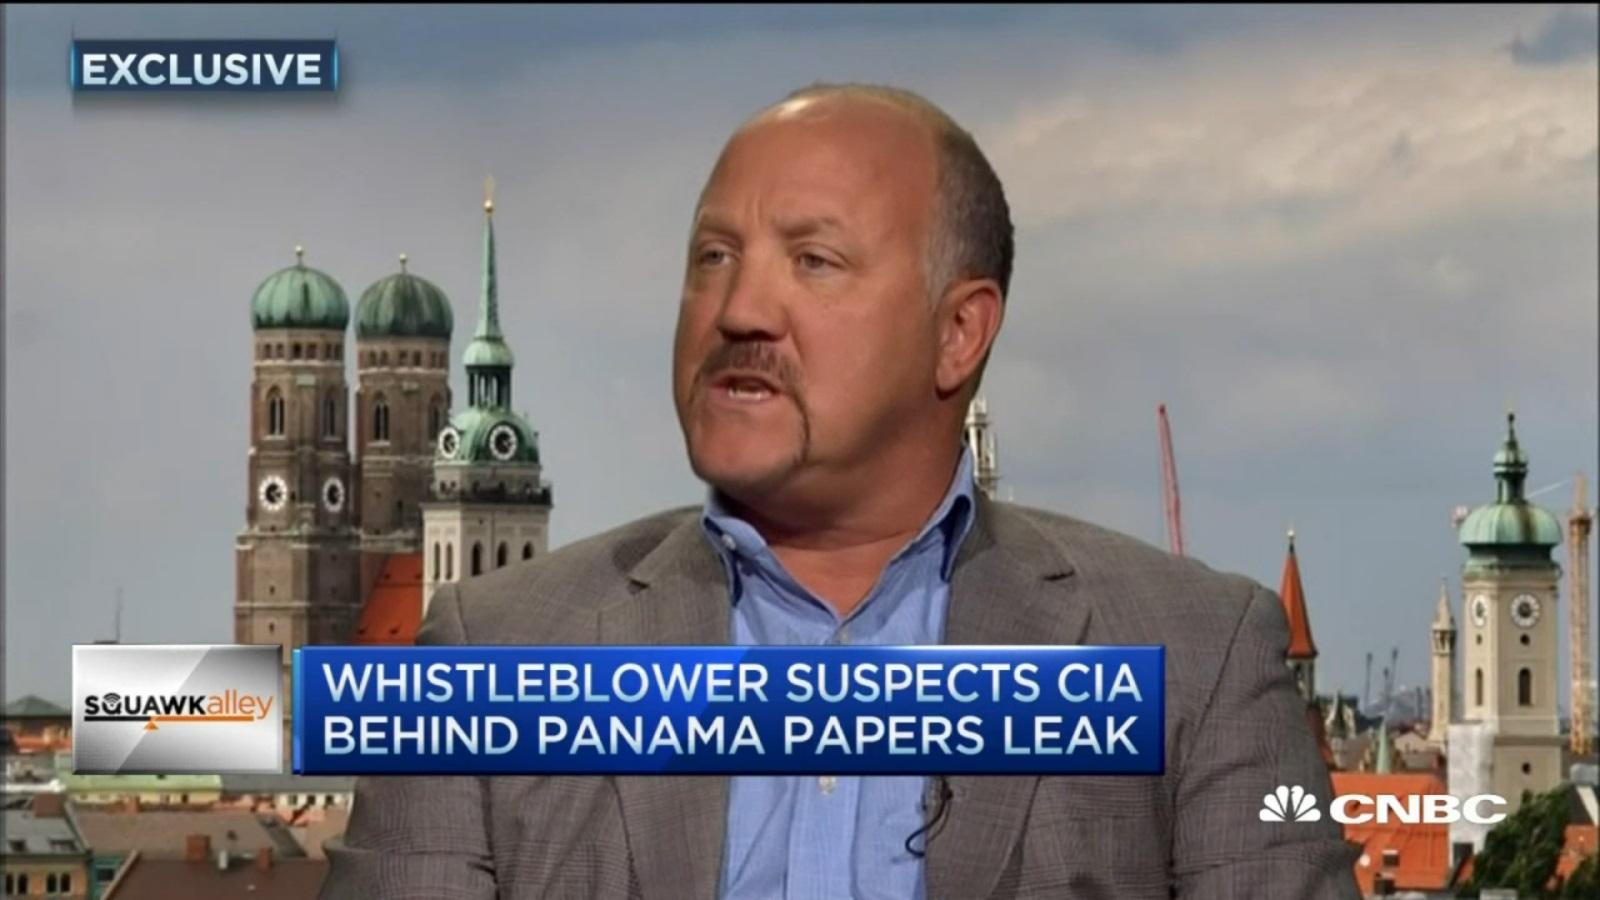 전직 은행가는 파나마 페이퍼 유출의 당사자로 CIA를 지목한다.